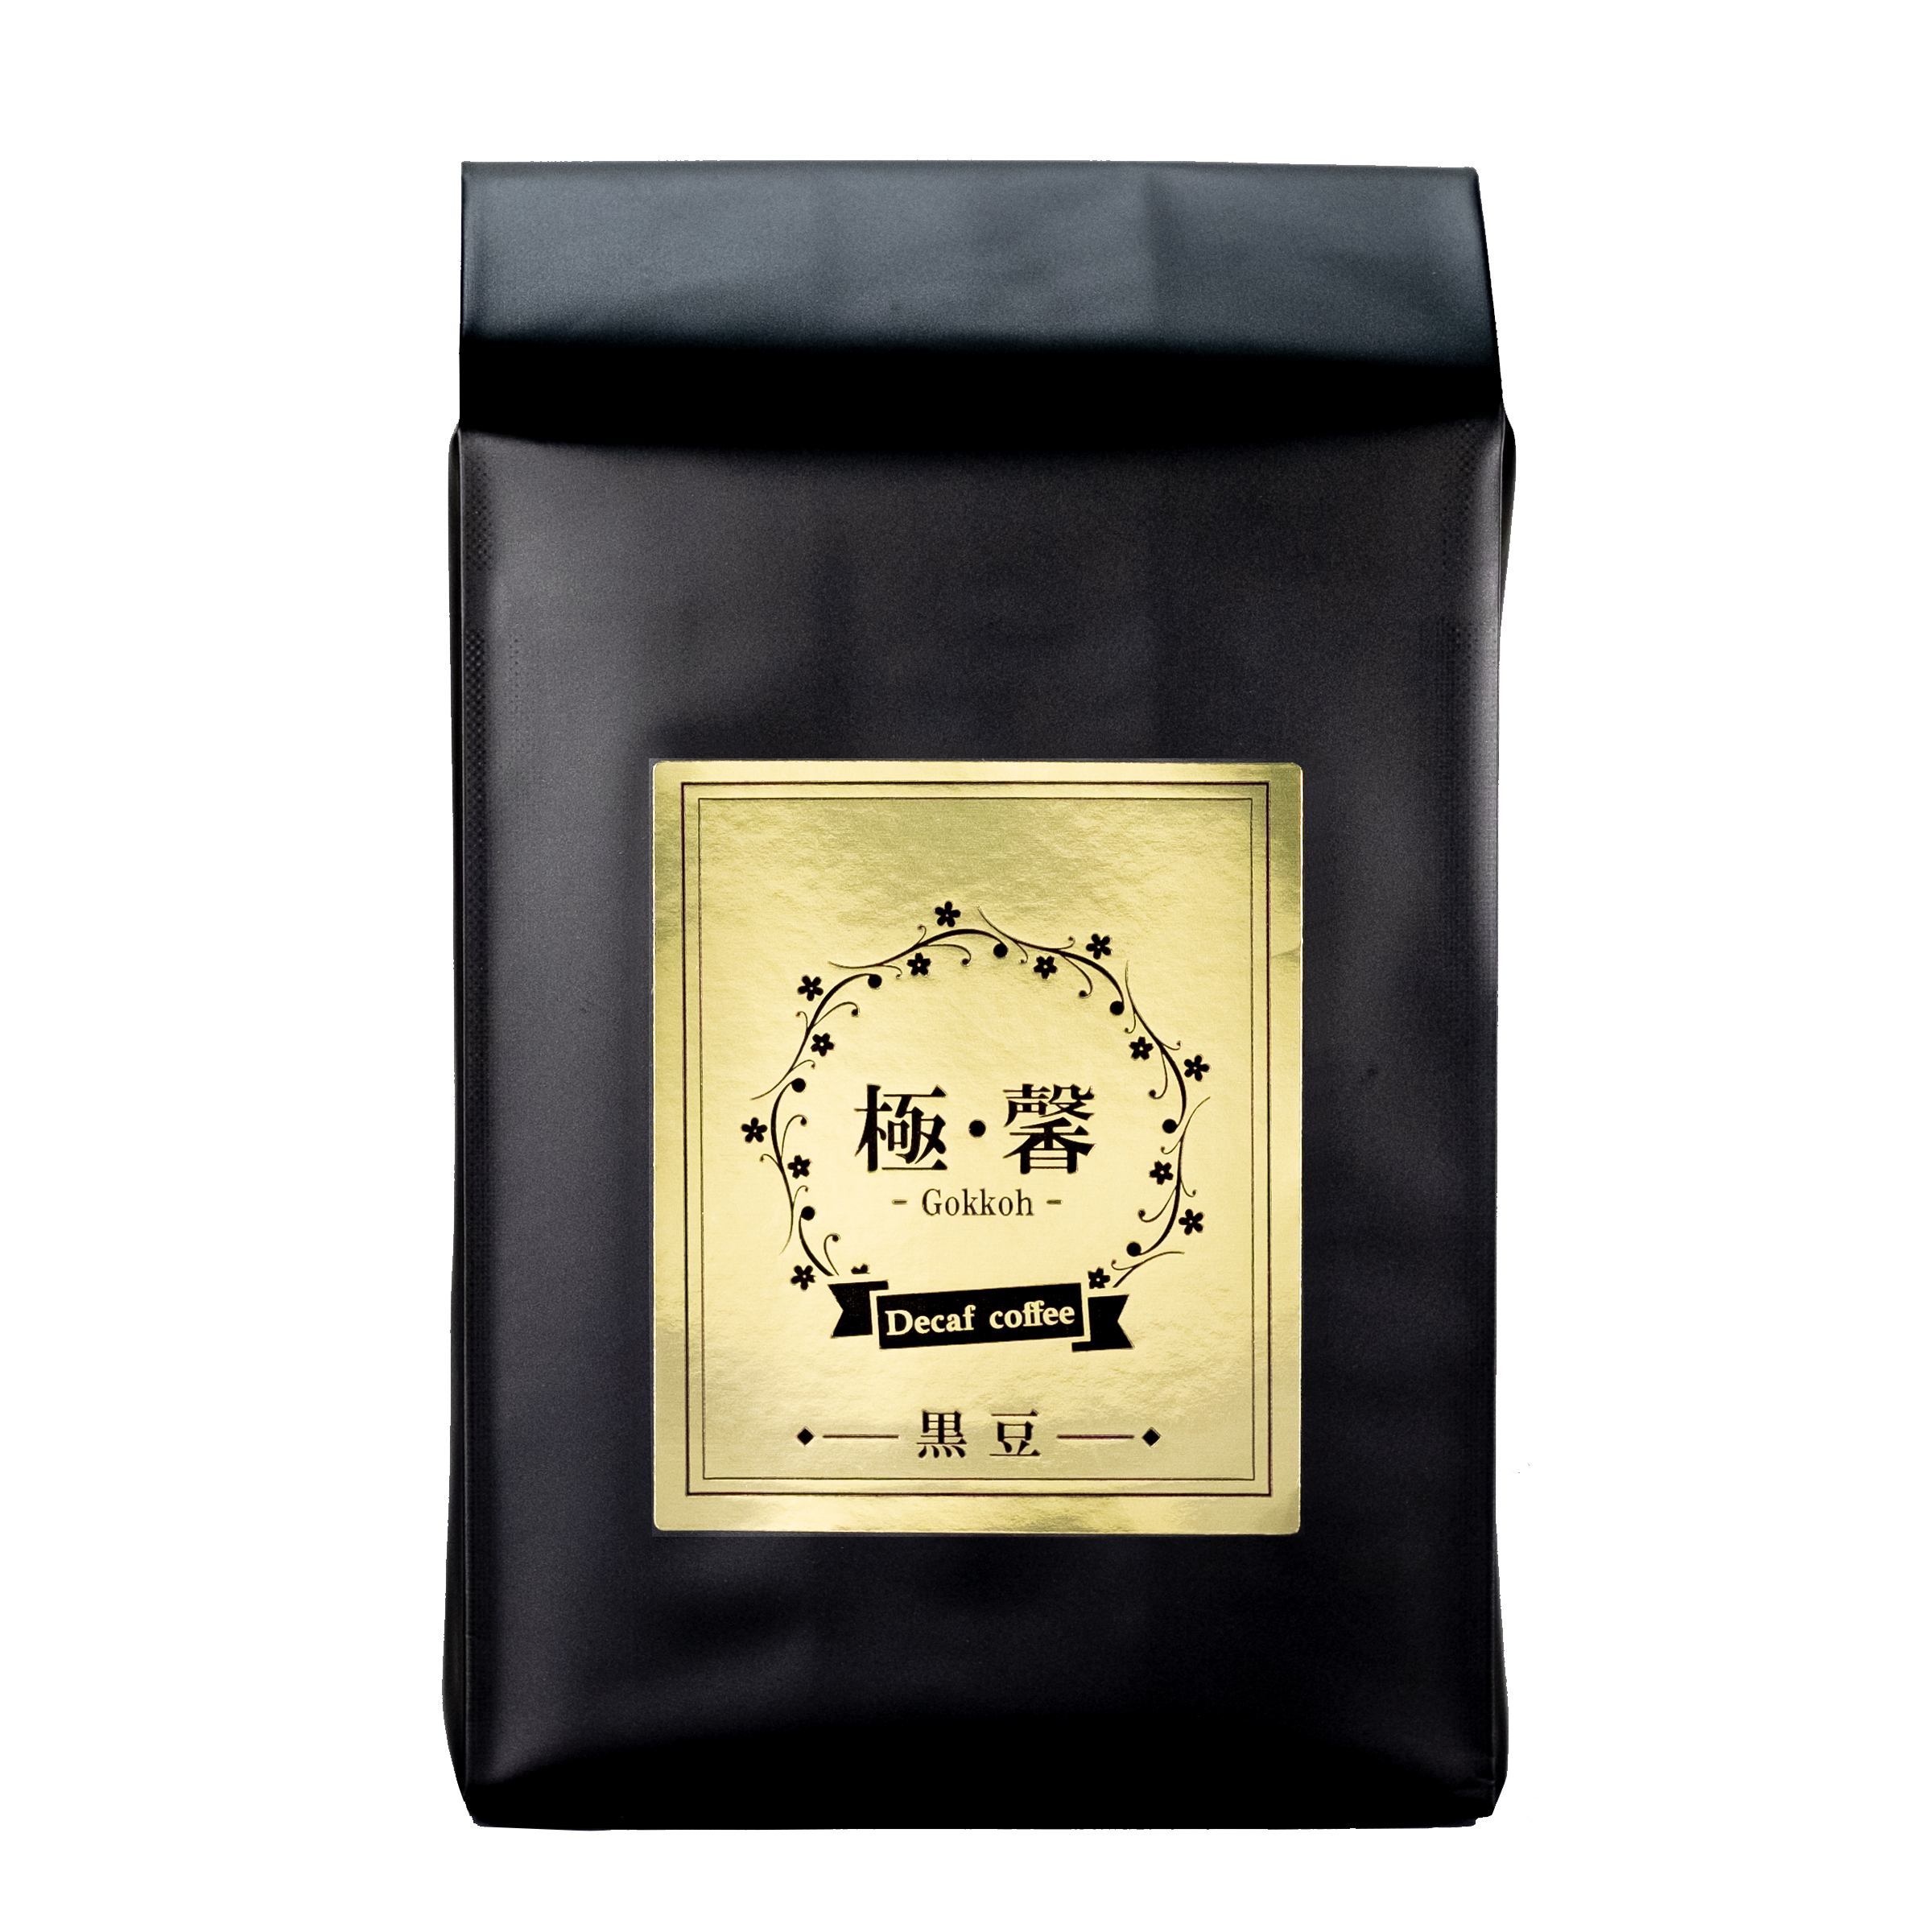 デカフェ コーヒー 黒豆(200g レギュラー)